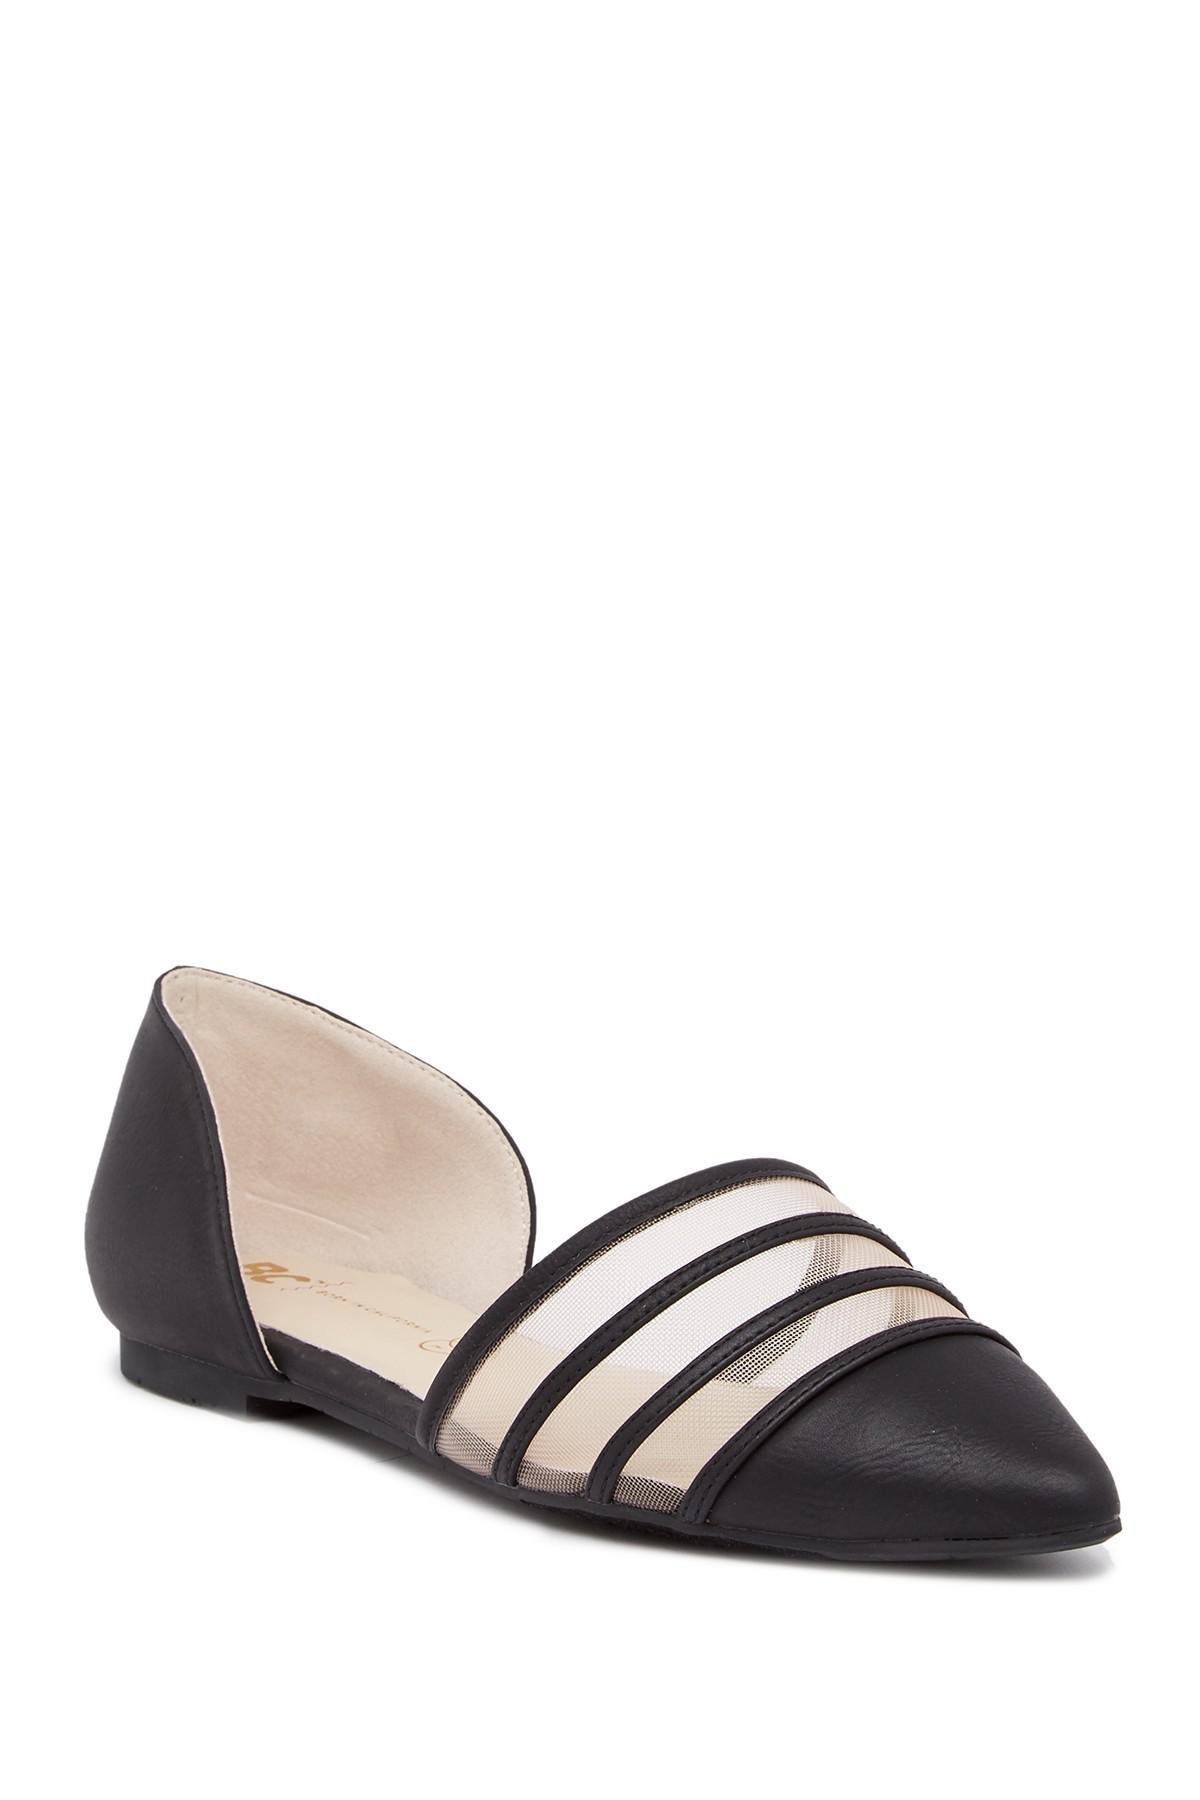 BC Footwear Wait A Minute d'Orsay Flat NrqjGdmKn